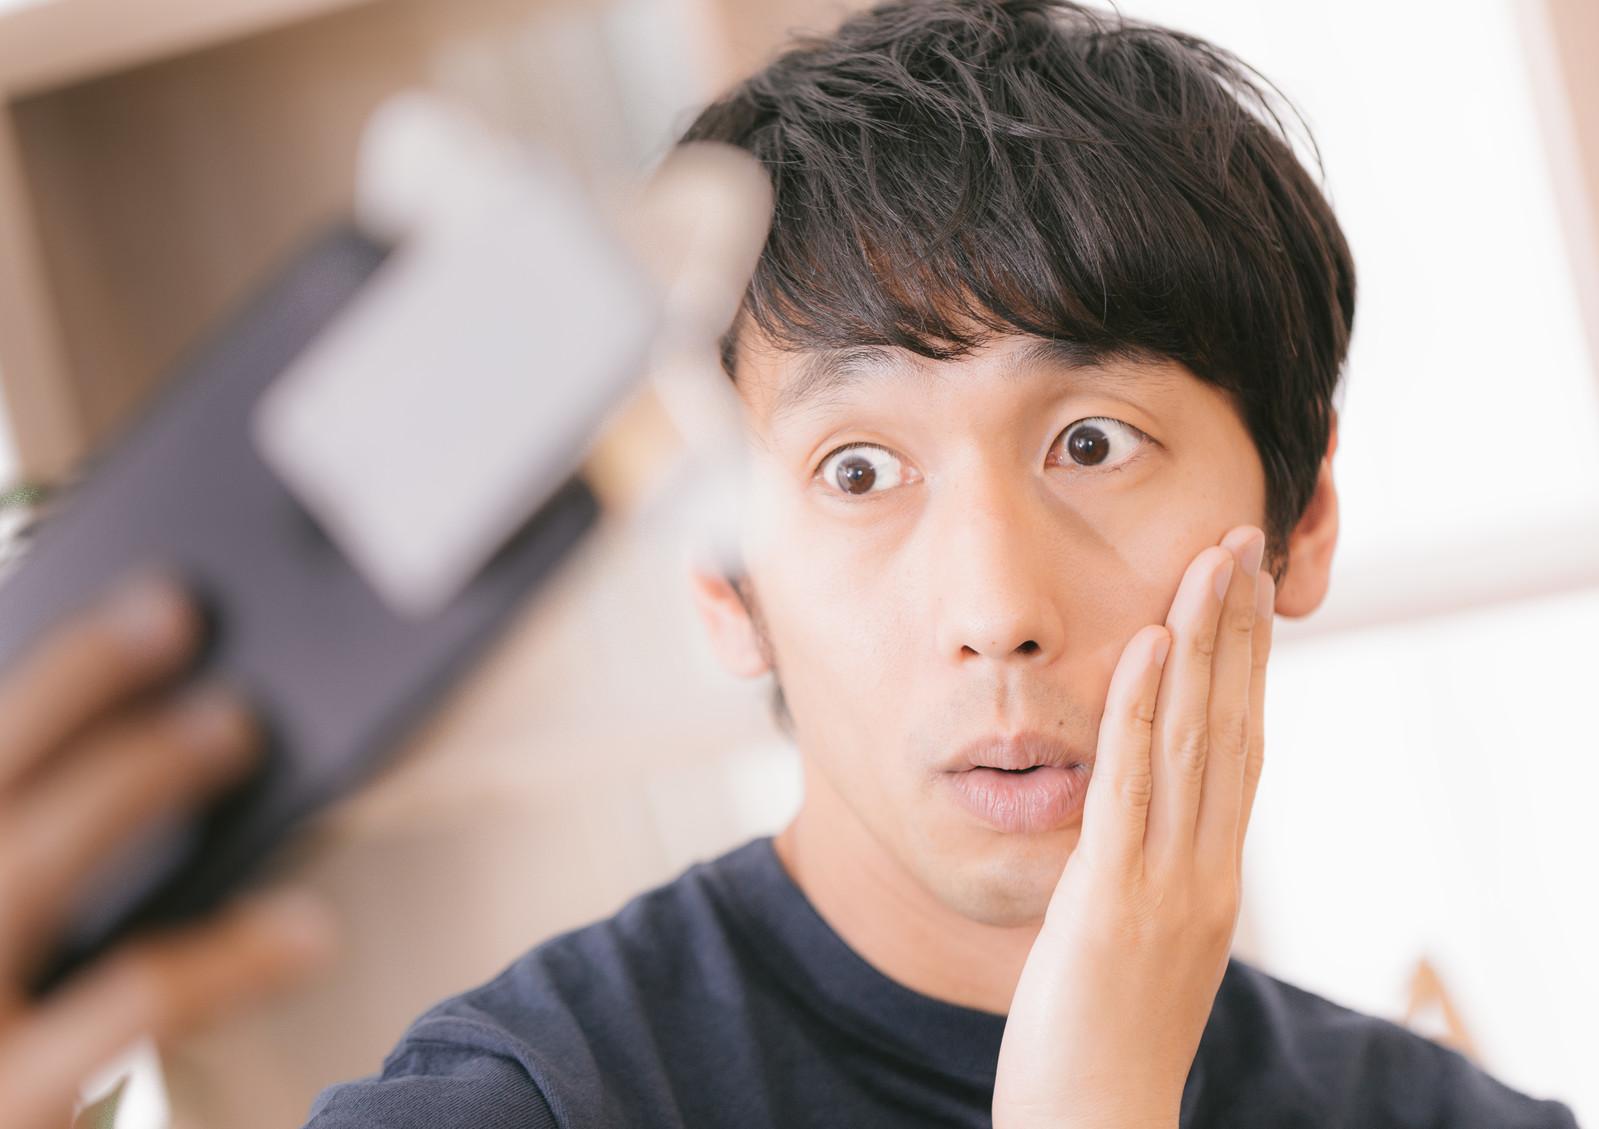 櫻井翔の髪型画像まとめ 作り方はどうなってる ショート姿最新姿もあり 大人男子のライフマガジンmensmodern メンズモダン